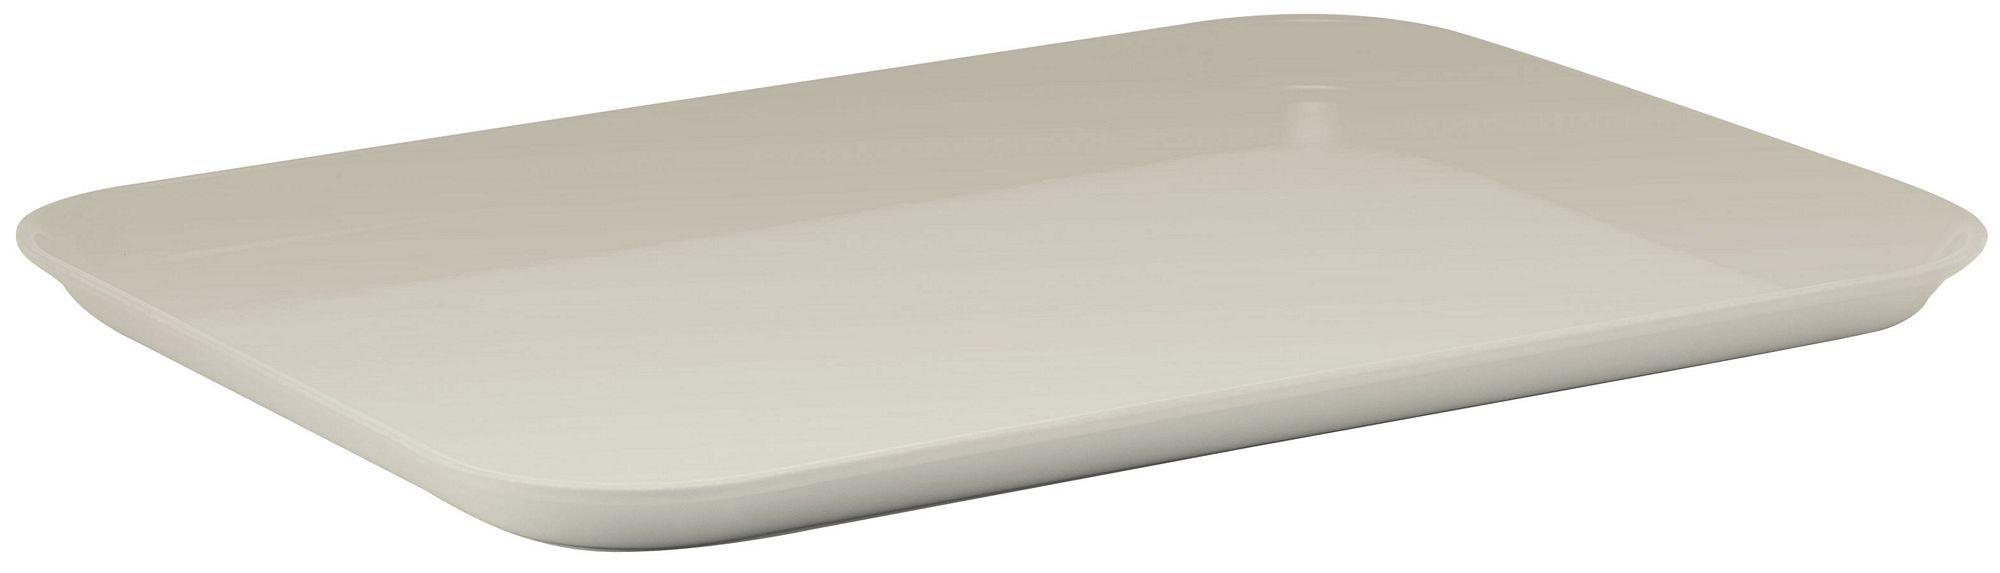 """Winco FGMT-0926C Fiberglass Market Tray, Cream 9"""" x 26"""""""